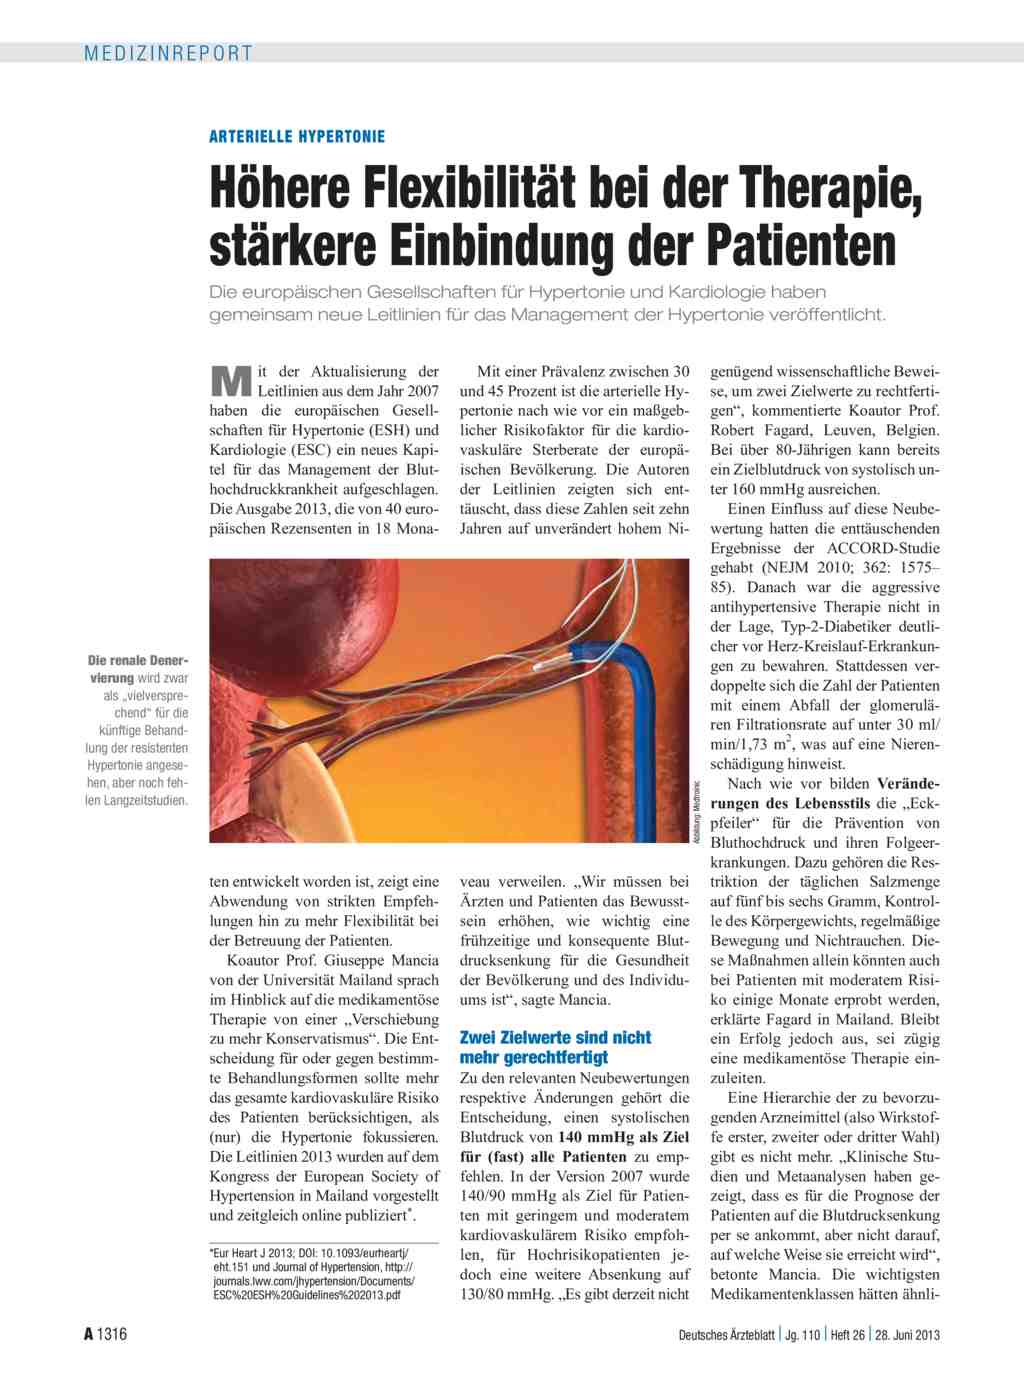 Arterielle Hypertonie: Höhere Flexibilität bei der..